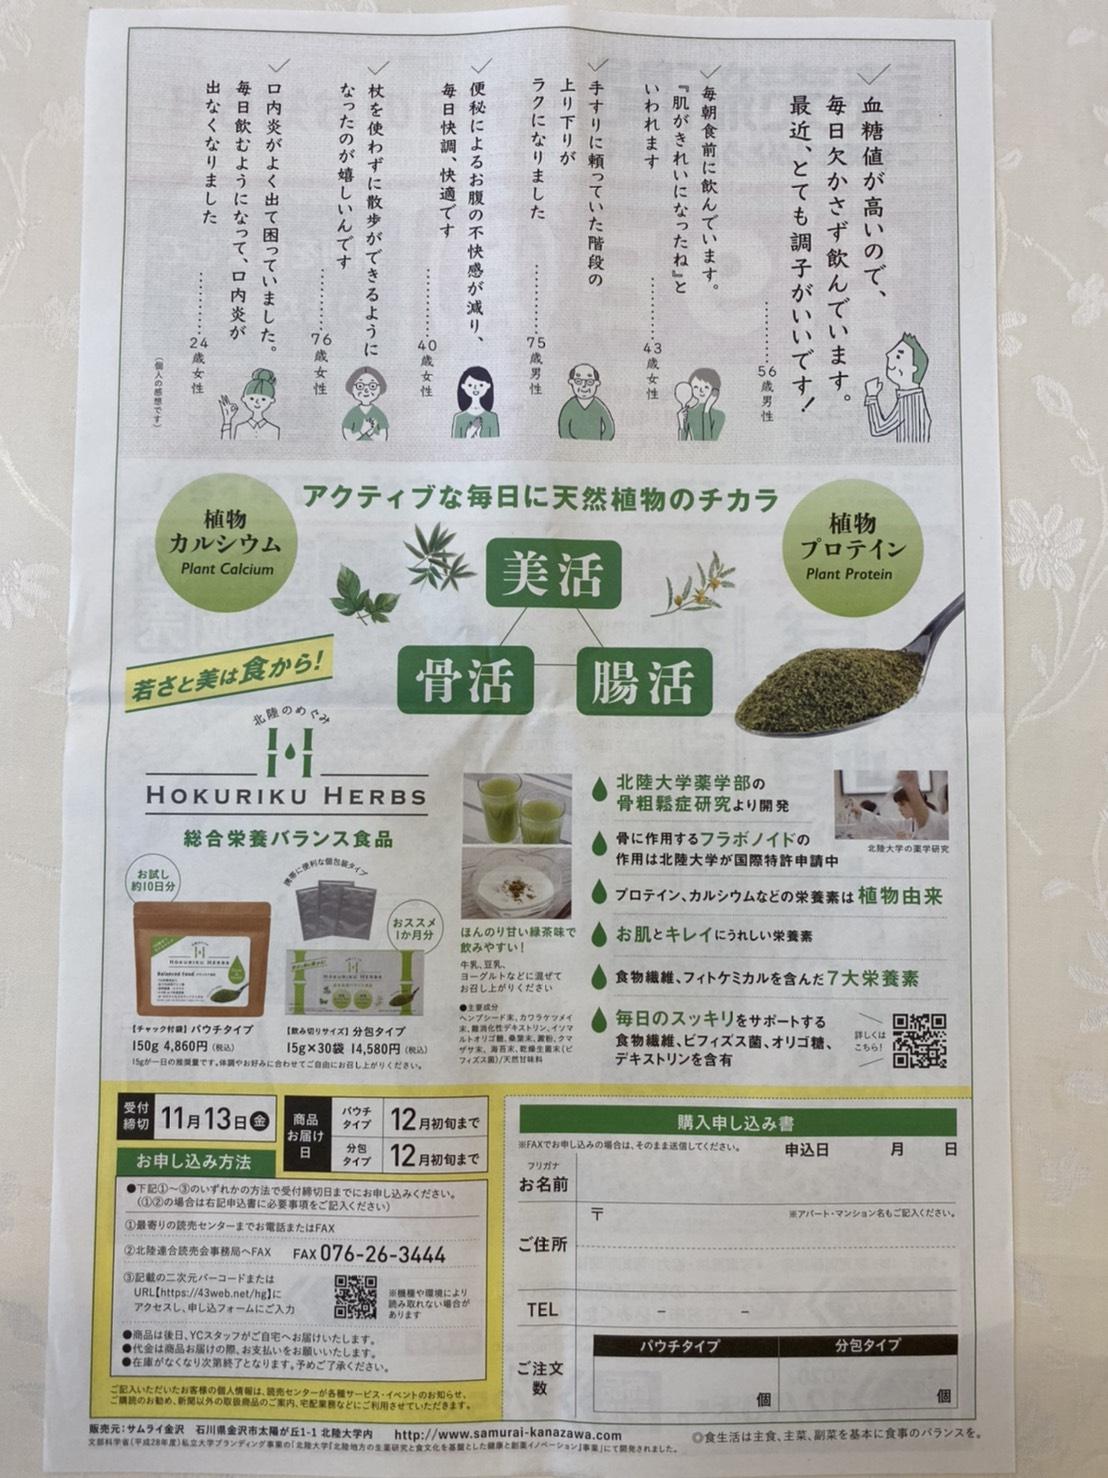 サムライ金沢株式会社